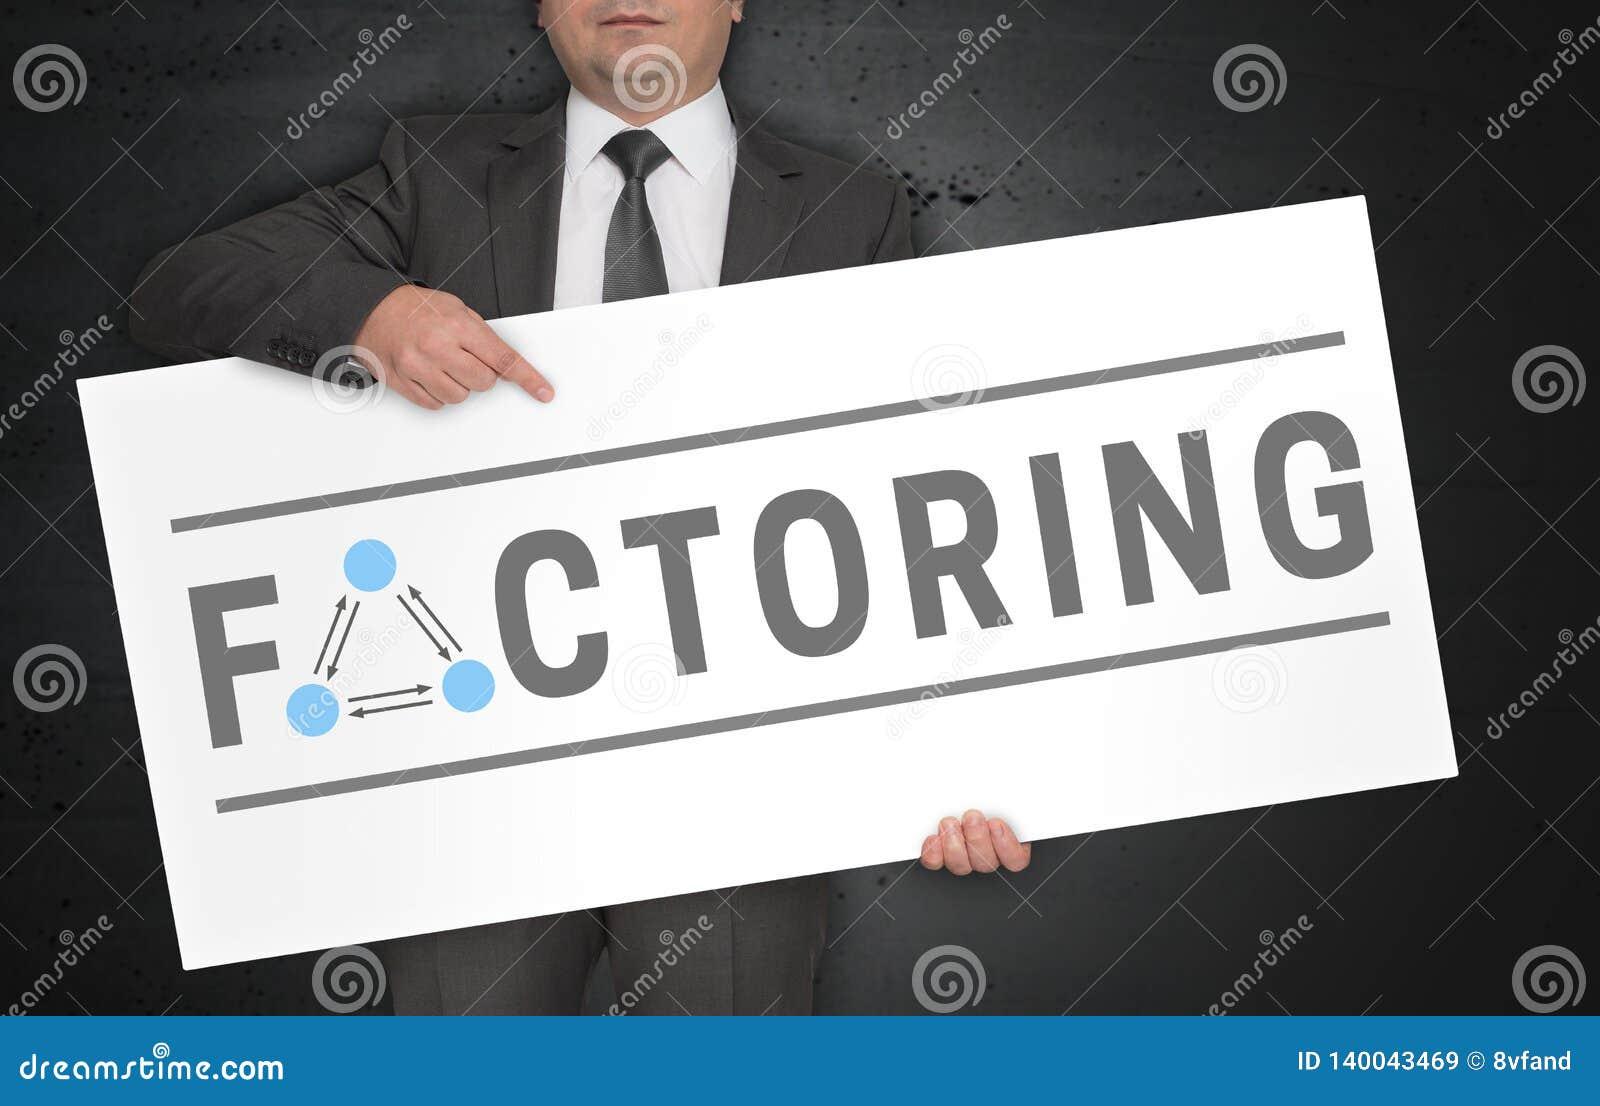 Wskazujący czynniki plakat trzyma biznesmenem